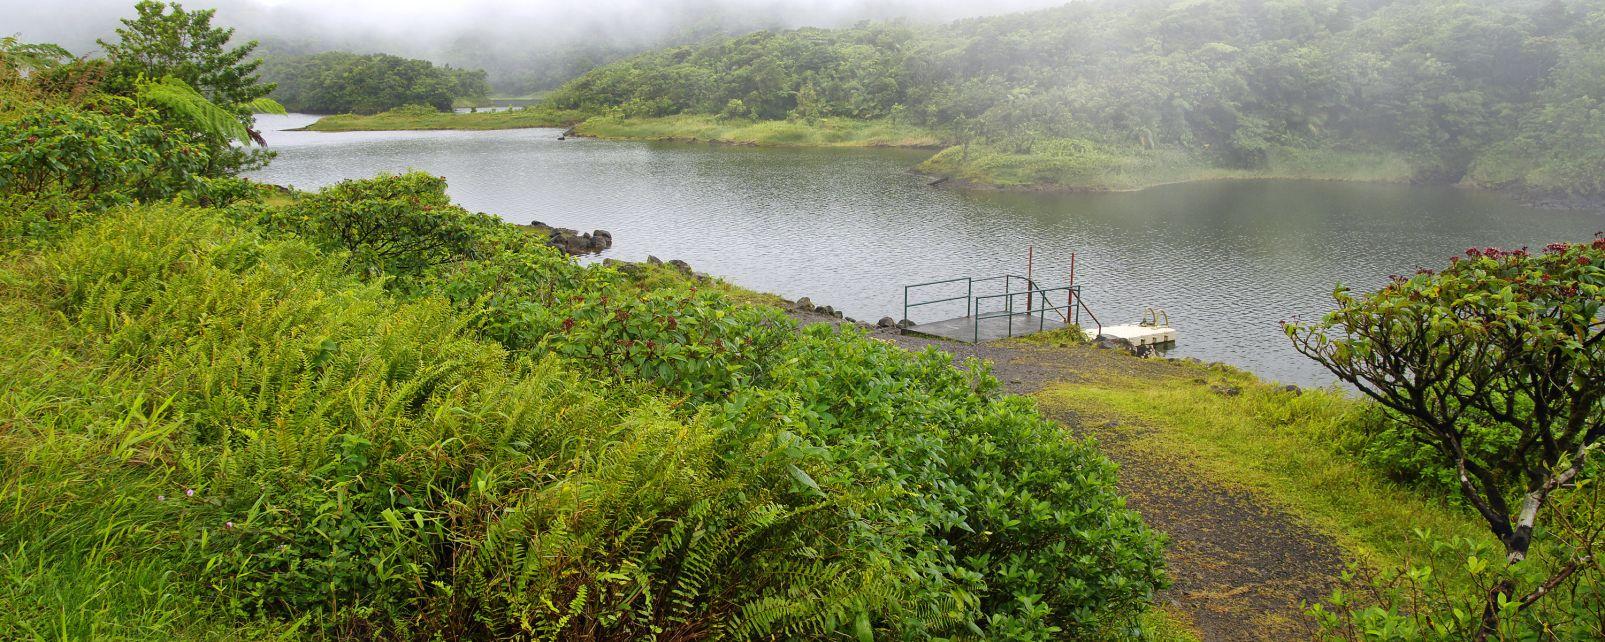 Der Nationalpark Morne-Trois Pitons, Der Nationalpark Trois Pitons, Die Landschaften, Dominica